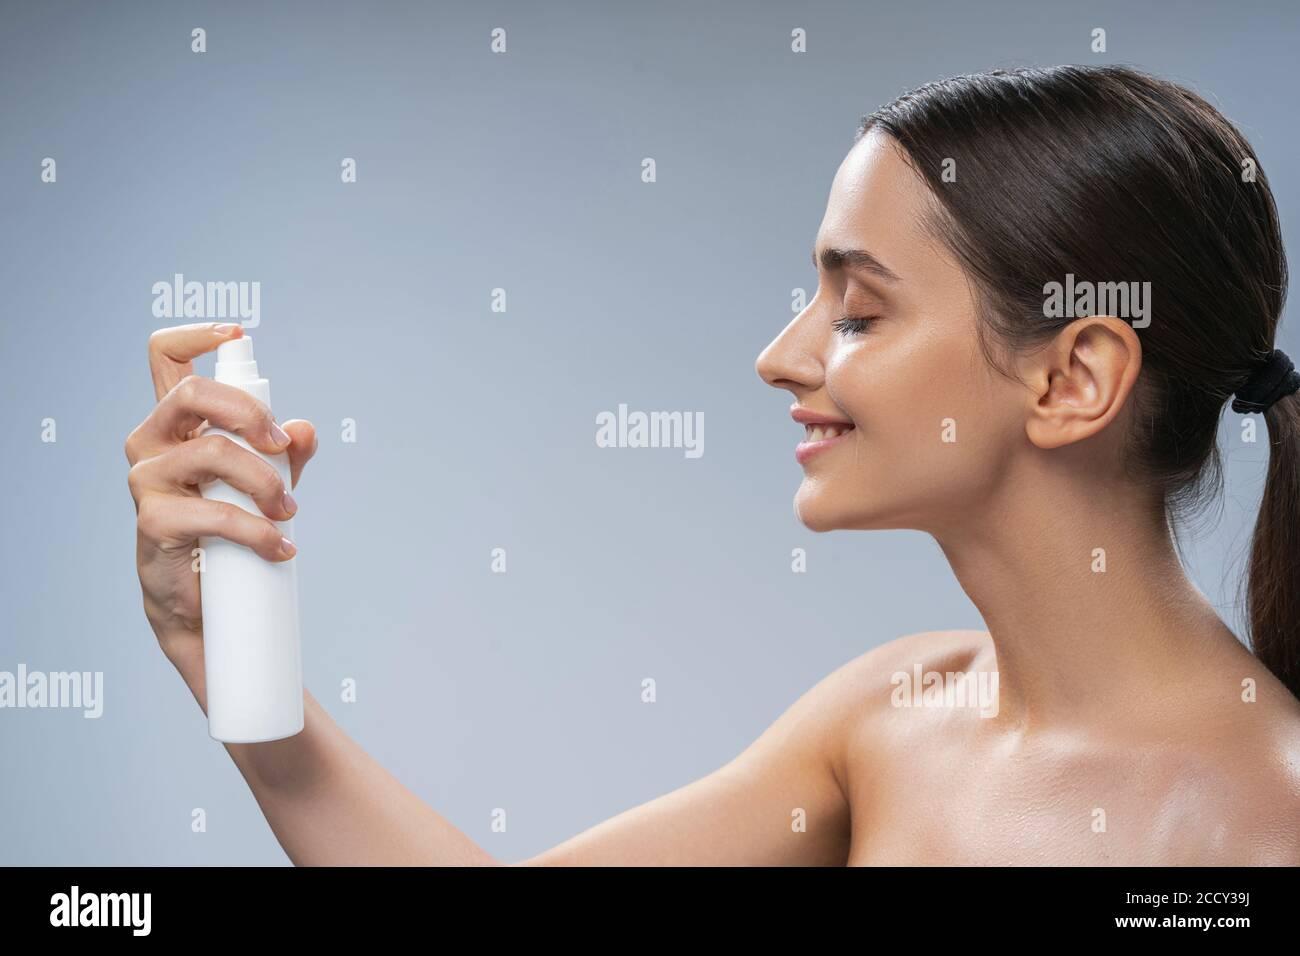 Frau sprüht Thermalwasser auf ihre Haut Stockfoto